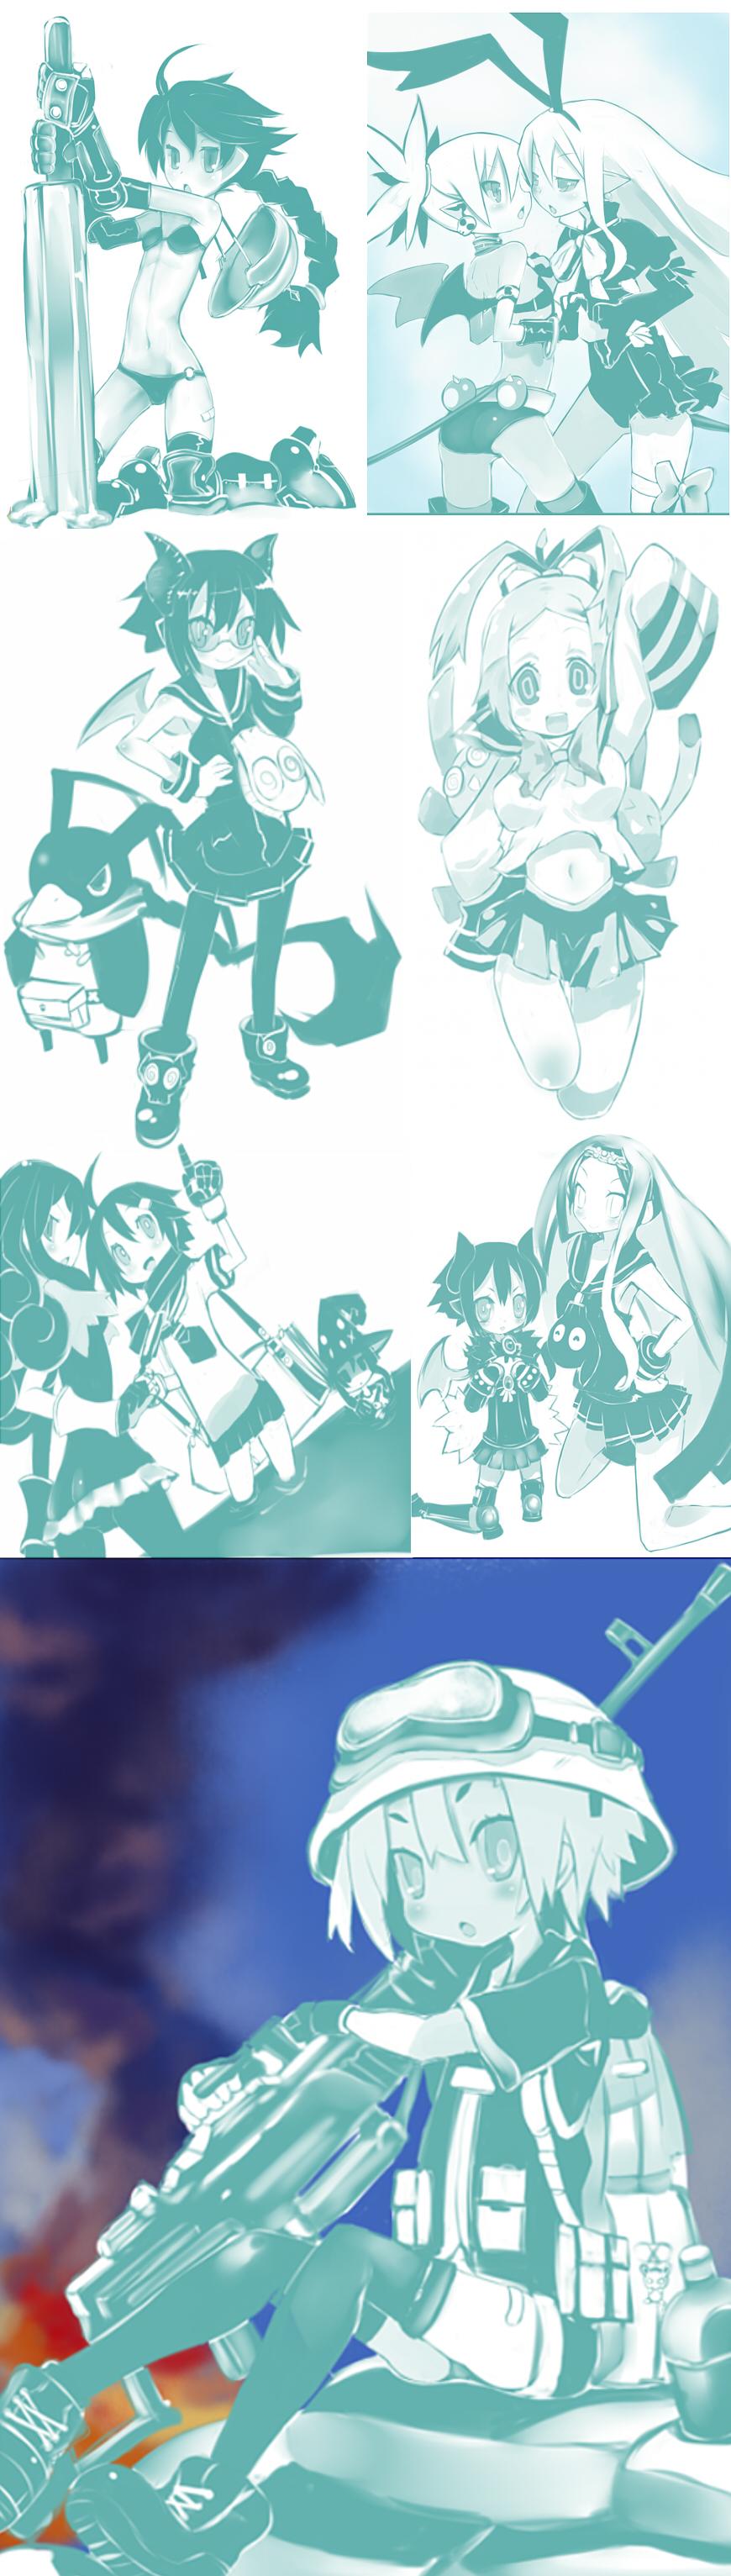 Practice drawings by Krmn-chan